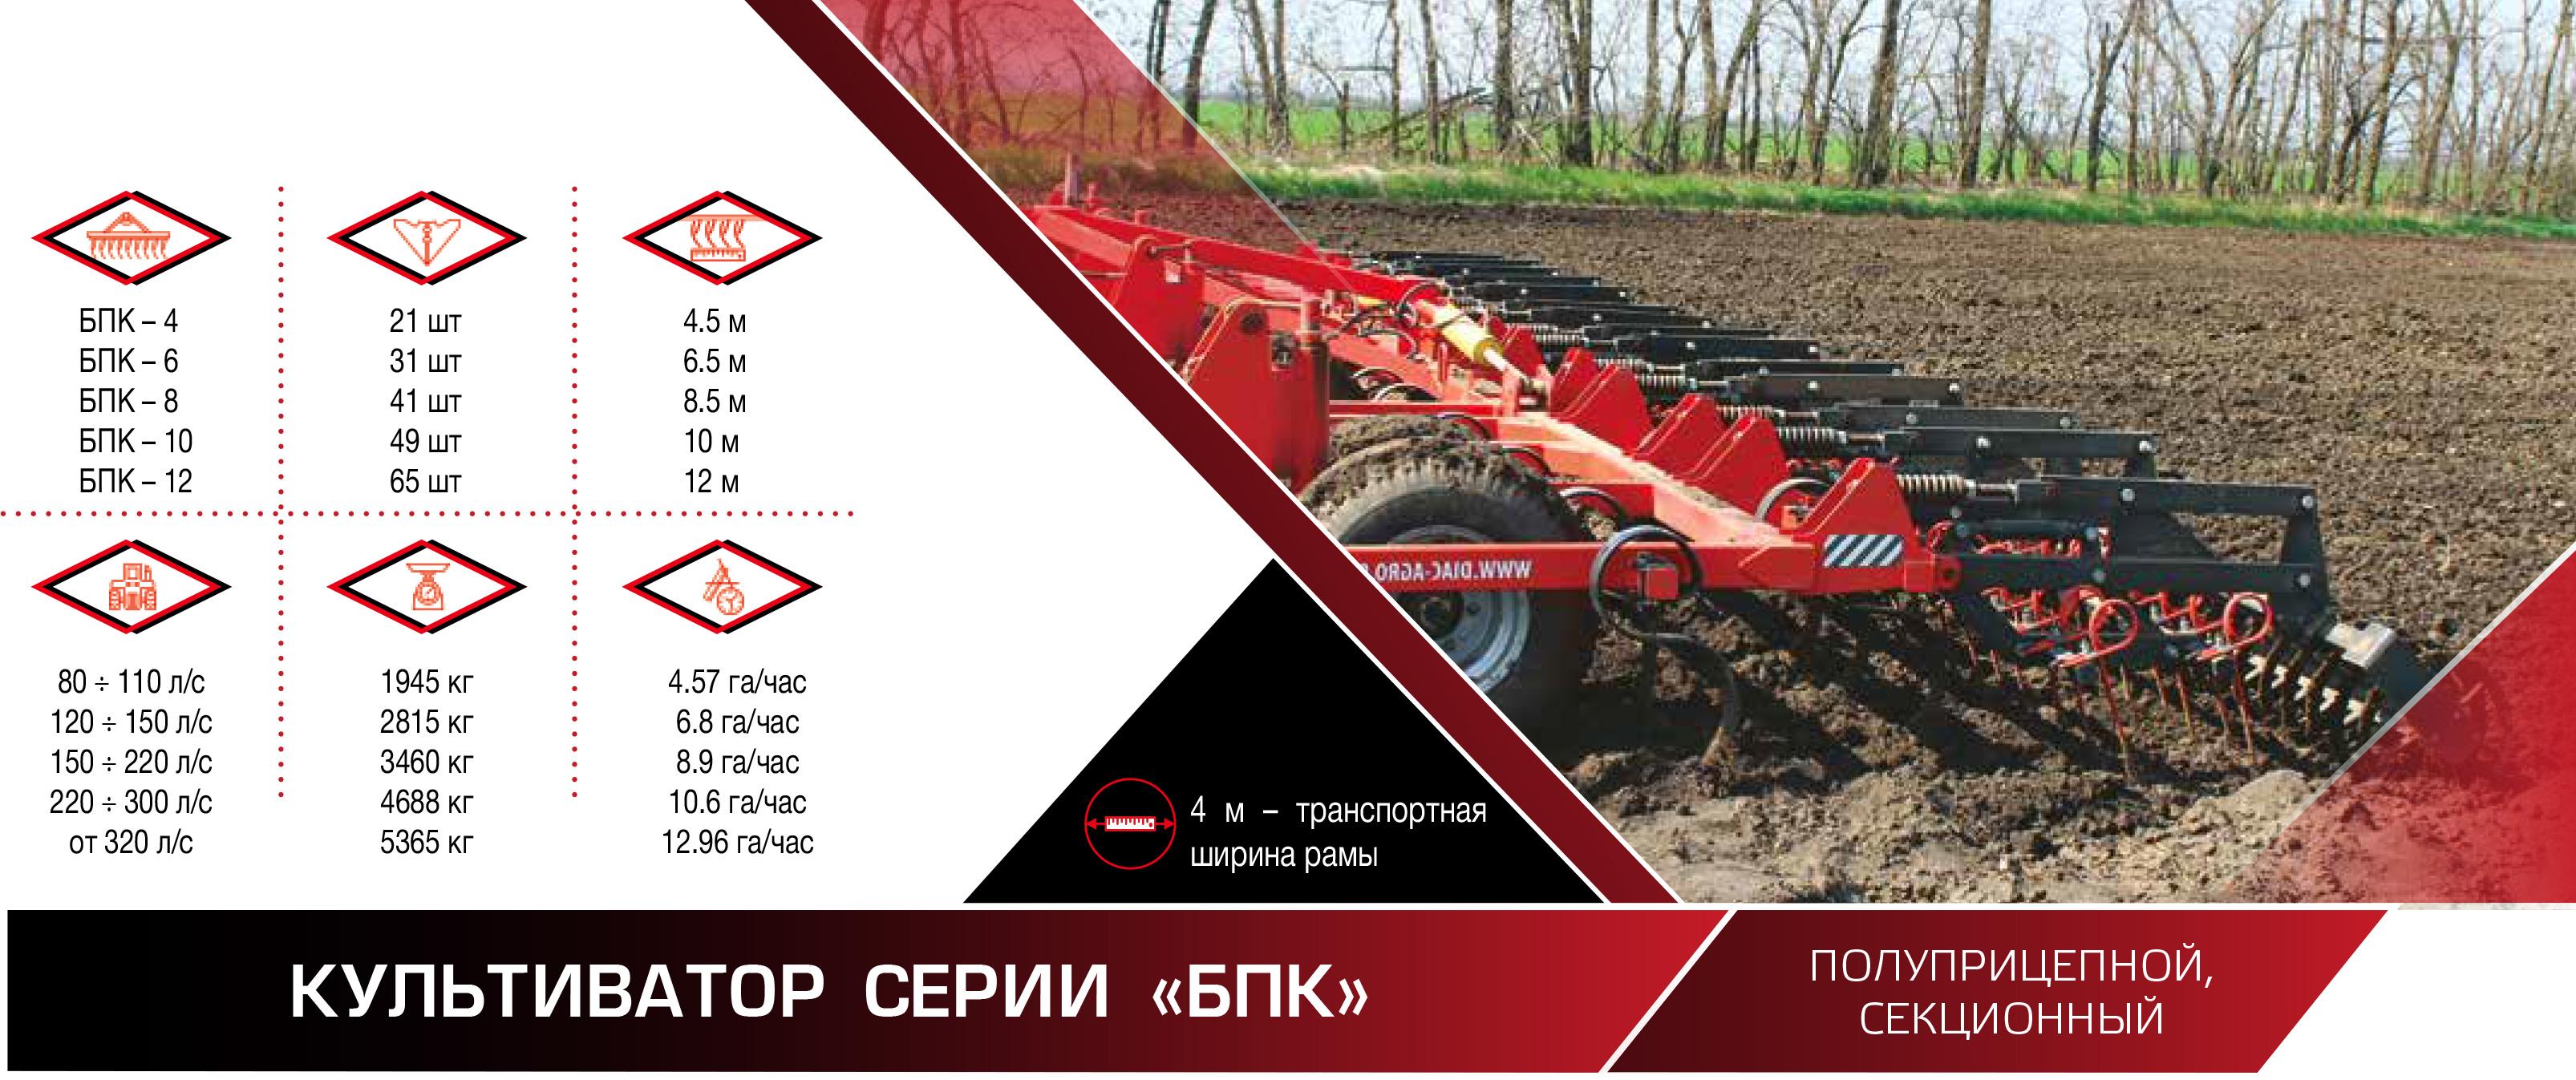 """Универсальный культиватор для сплошной обработки почвы серии """"БПК"""""""